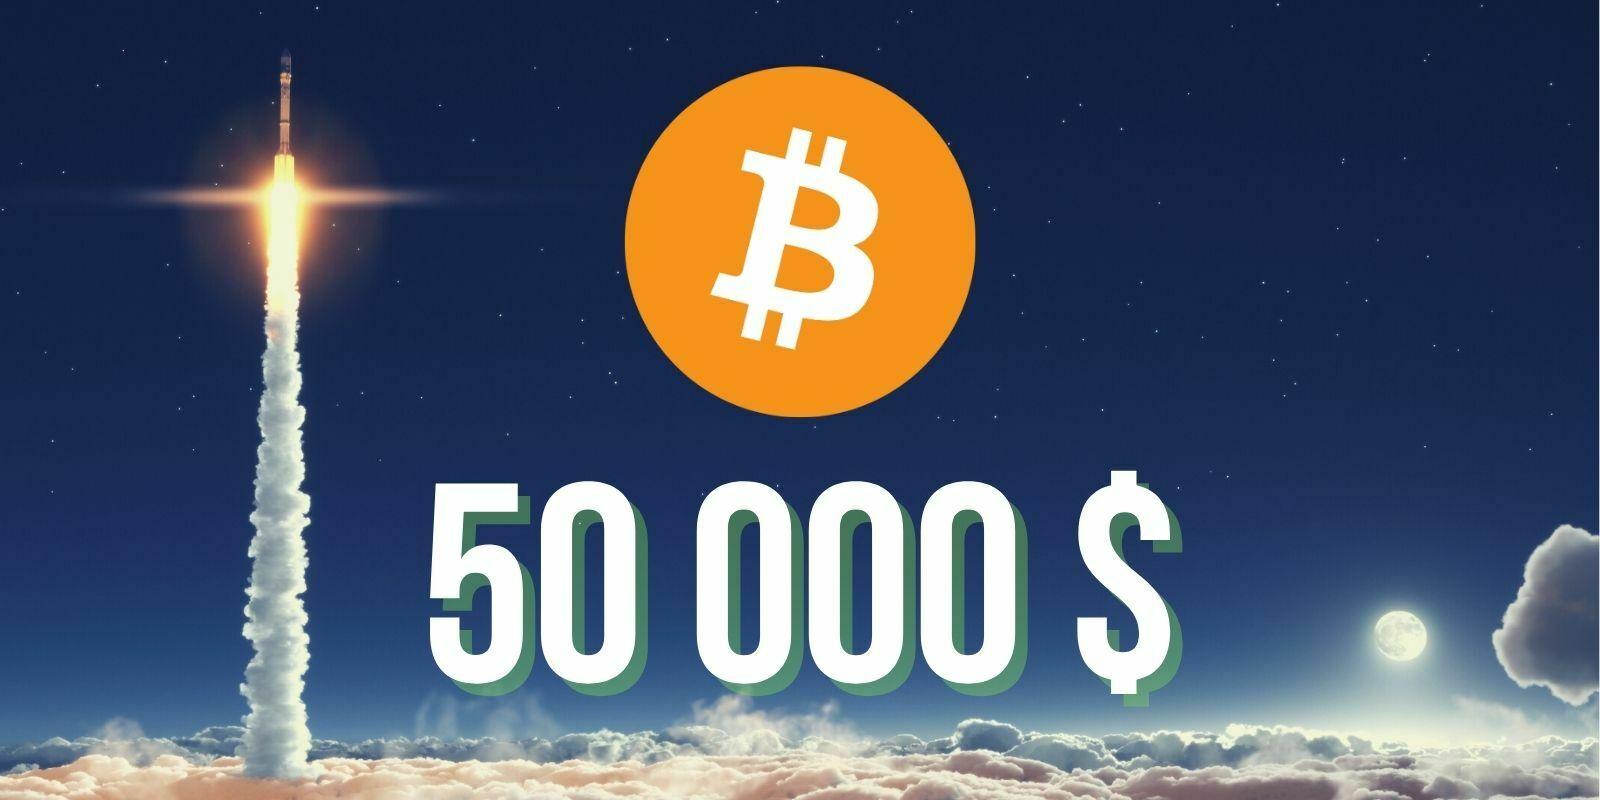 Le cours du Bitcoin (BTC) dépasse pour la première fois les 50 000 dollars